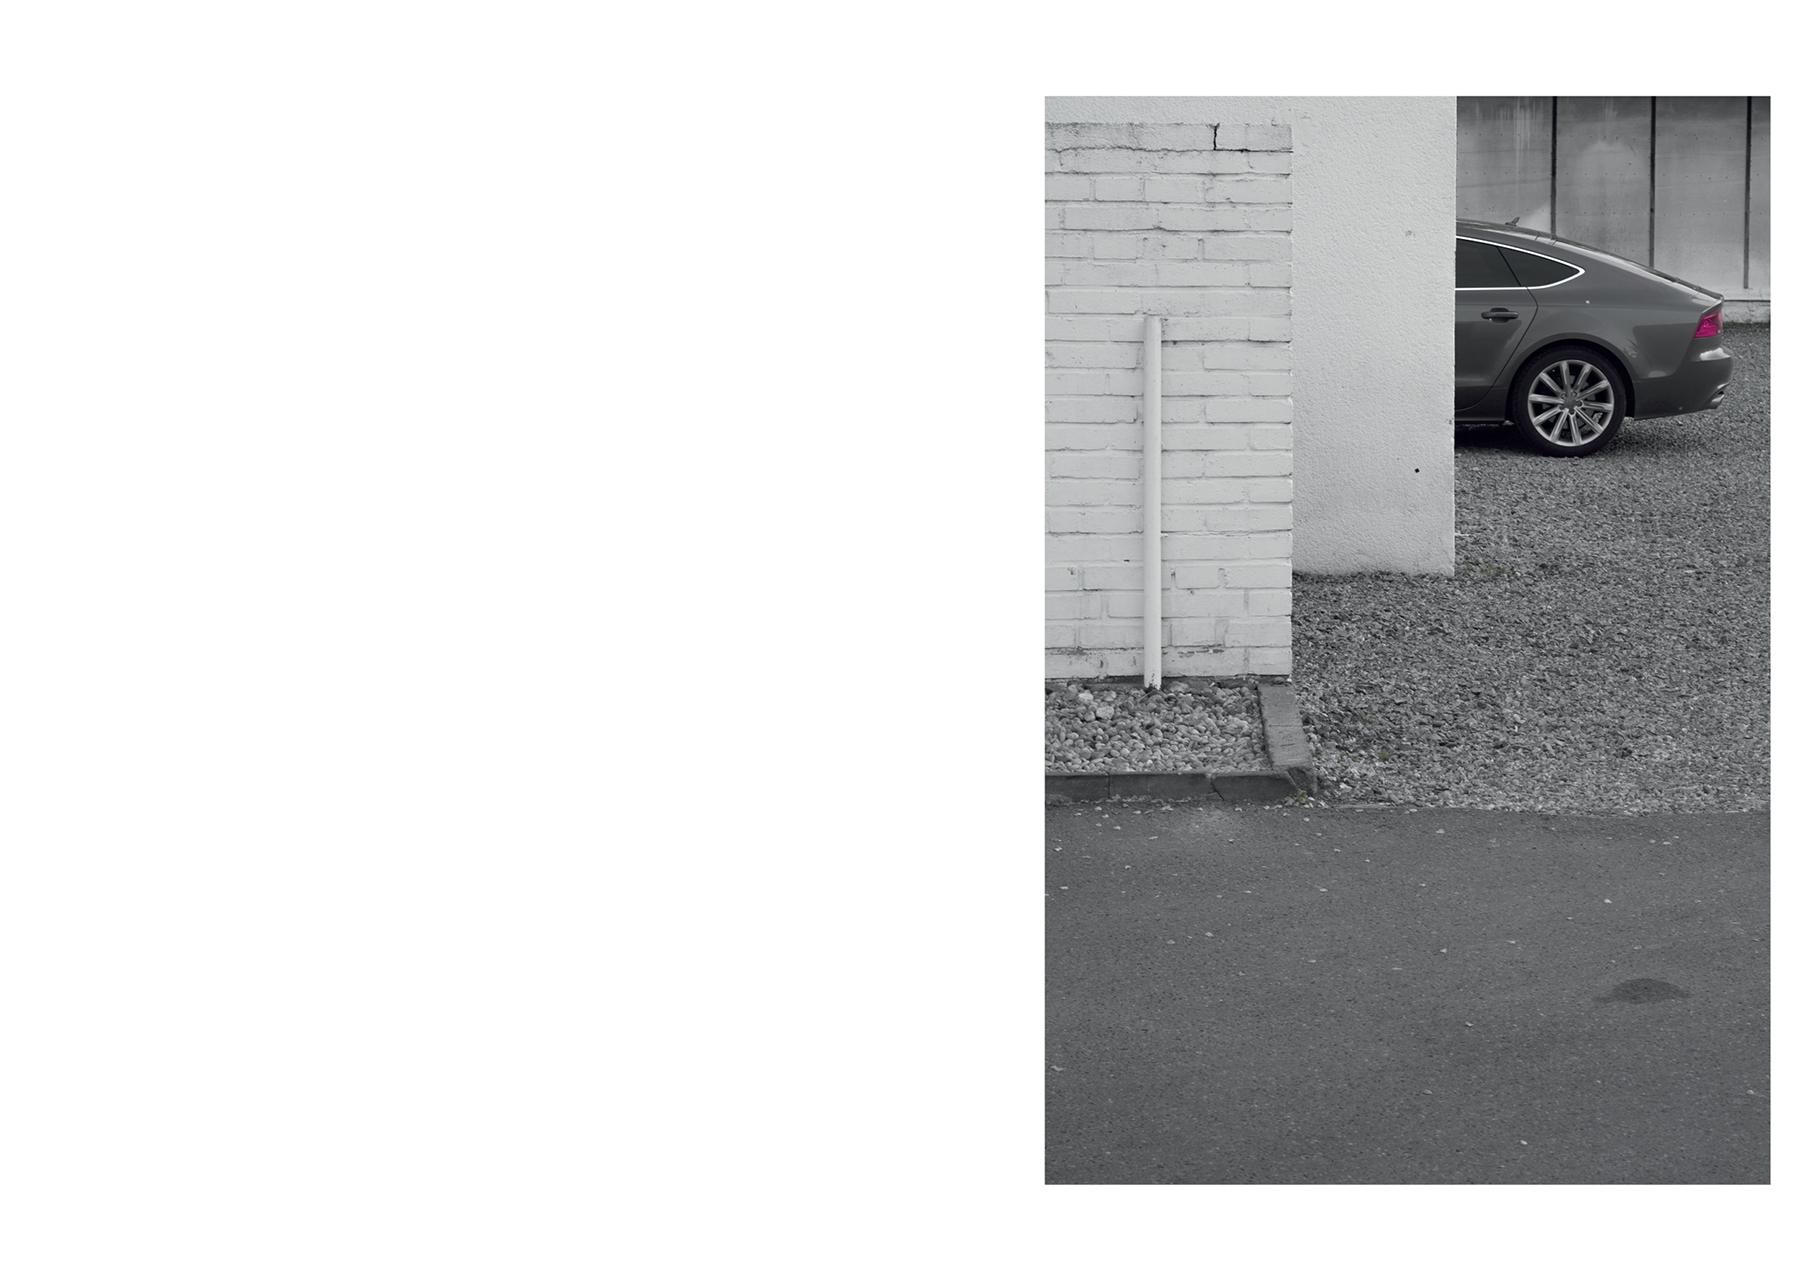 <br><b>Kajetán Tvrdík</b><br><br> Klauzurní práce | G1A 03 | 2015-2016